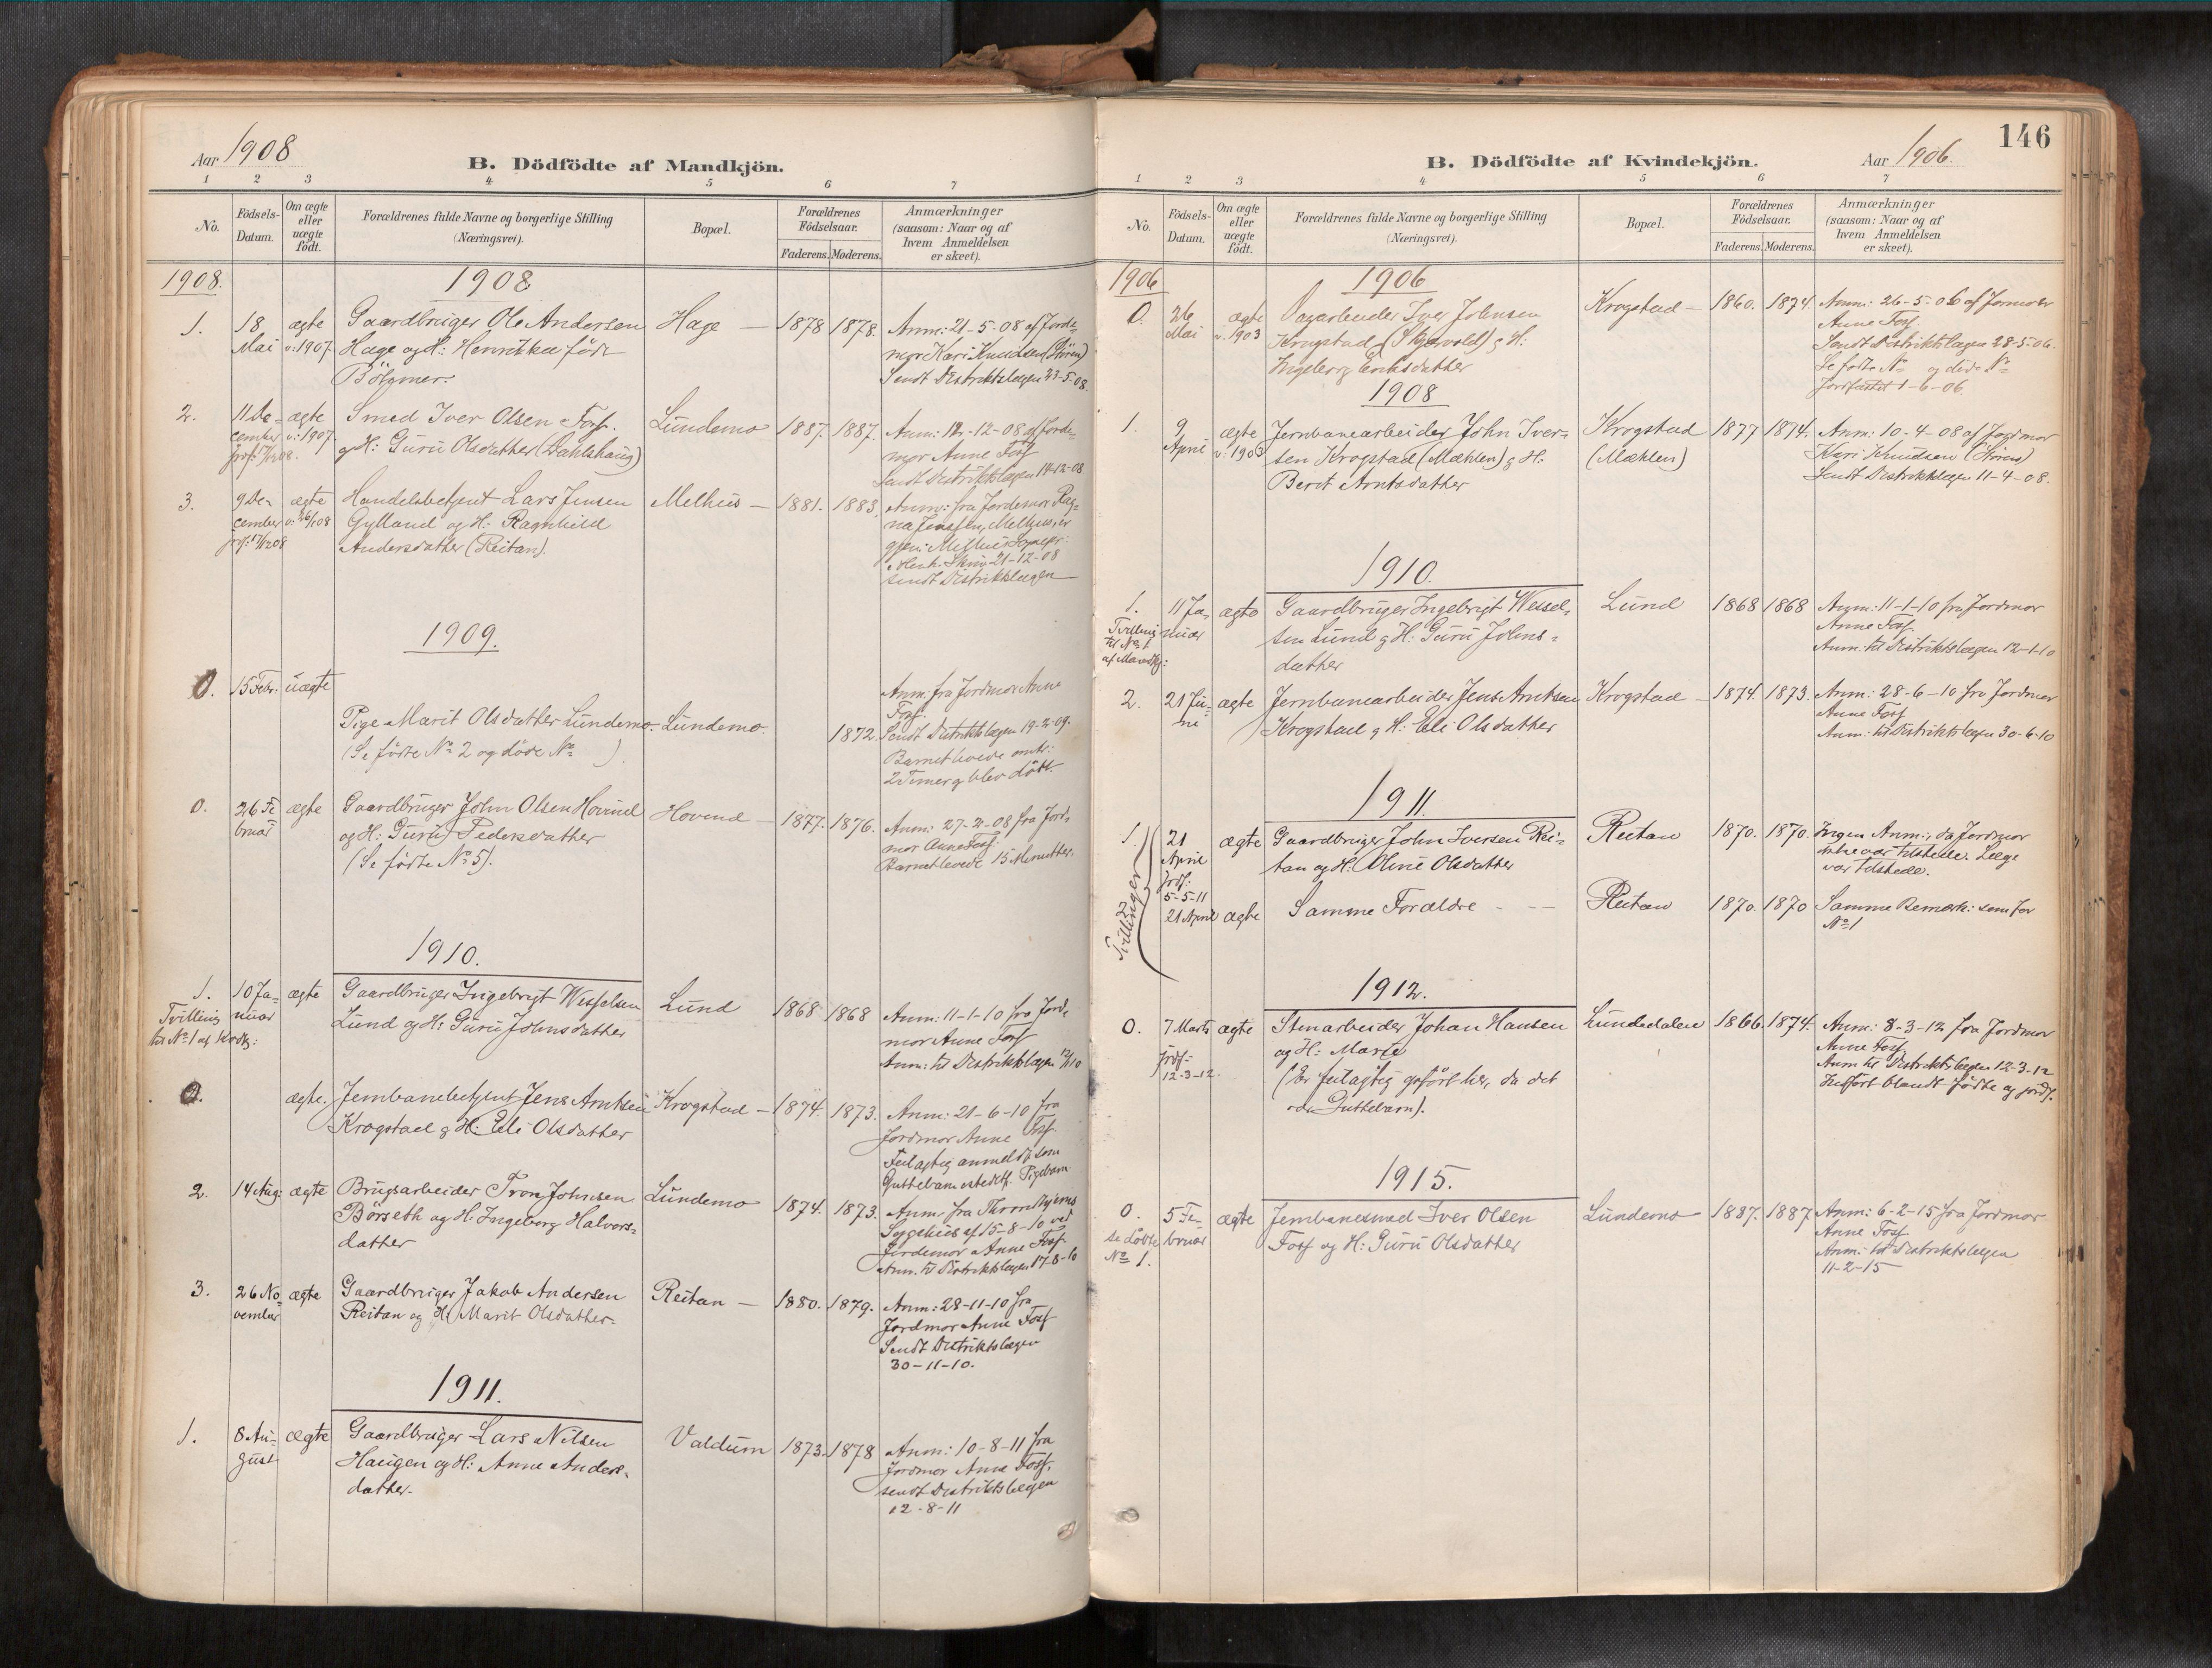 SAT, Ministerialprotokoller, klokkerbøker og fødselsregistre - Sør-Trøndelag, 692/L1105b: Ministerialbok nr. 692A06, 1891-1934, s. 146